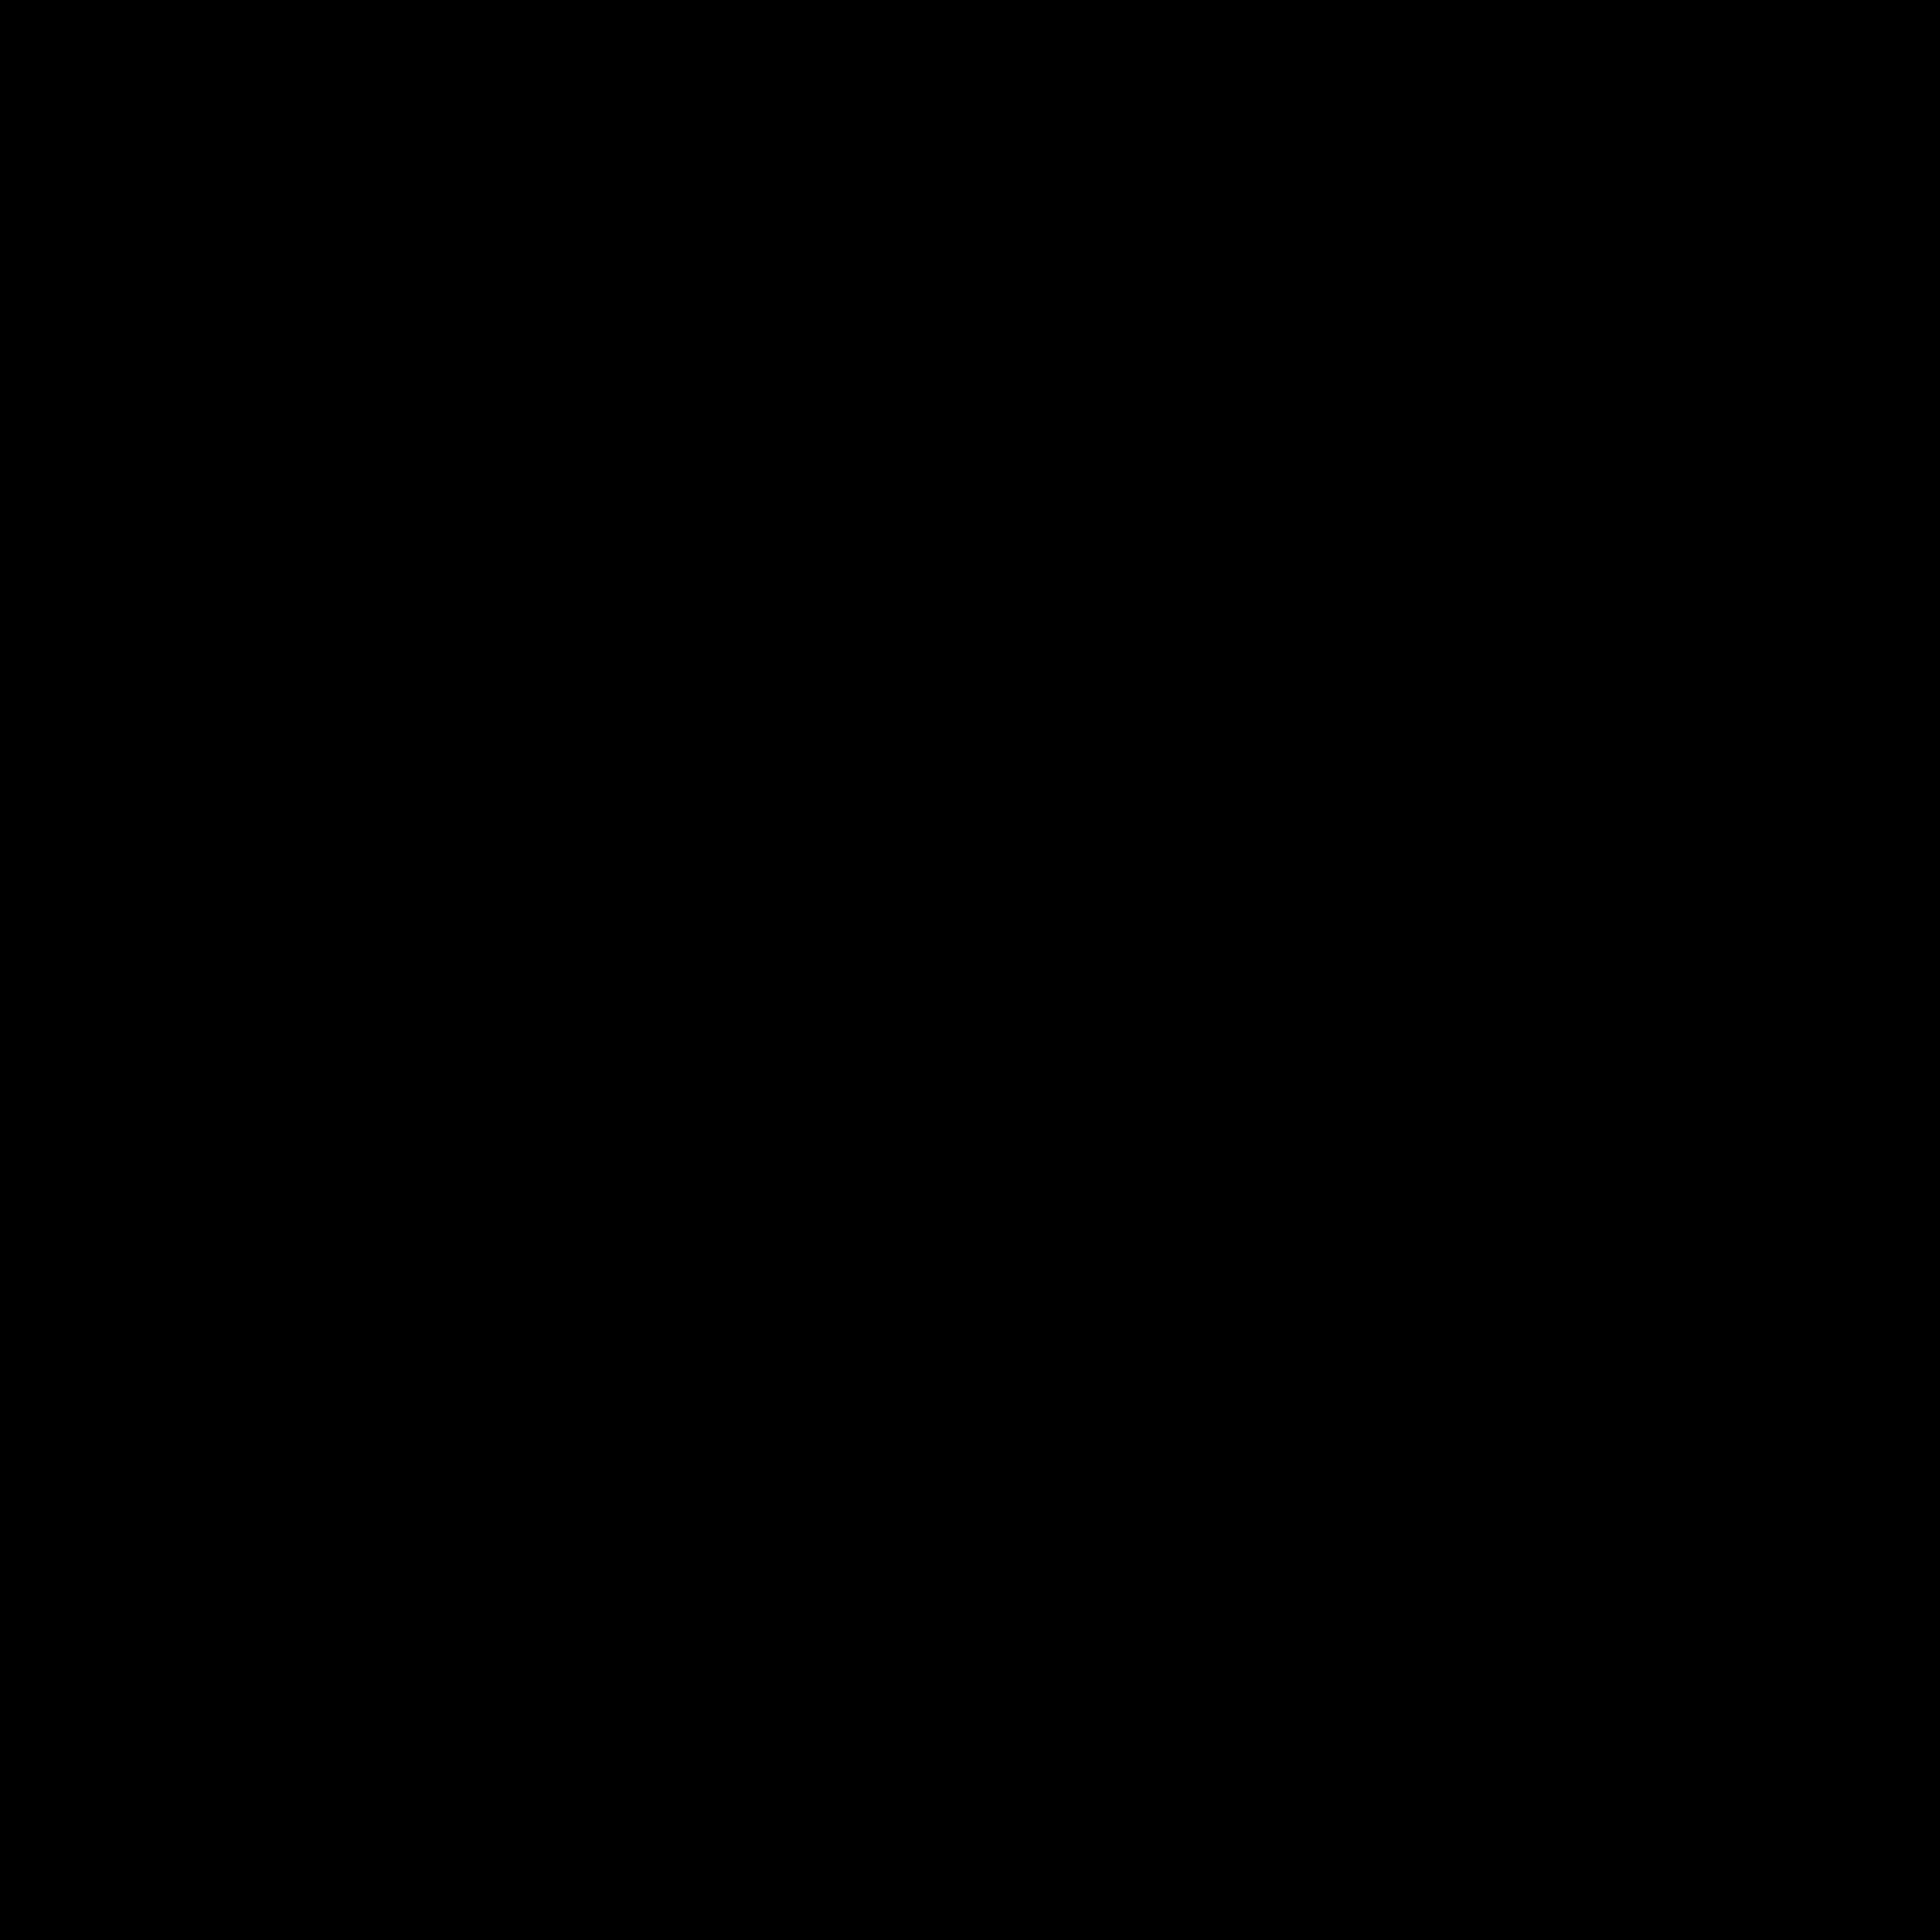 Shamanism symbol symboles pinterest shamanism and symbols shamanism symbol buycottarizona Choice Image